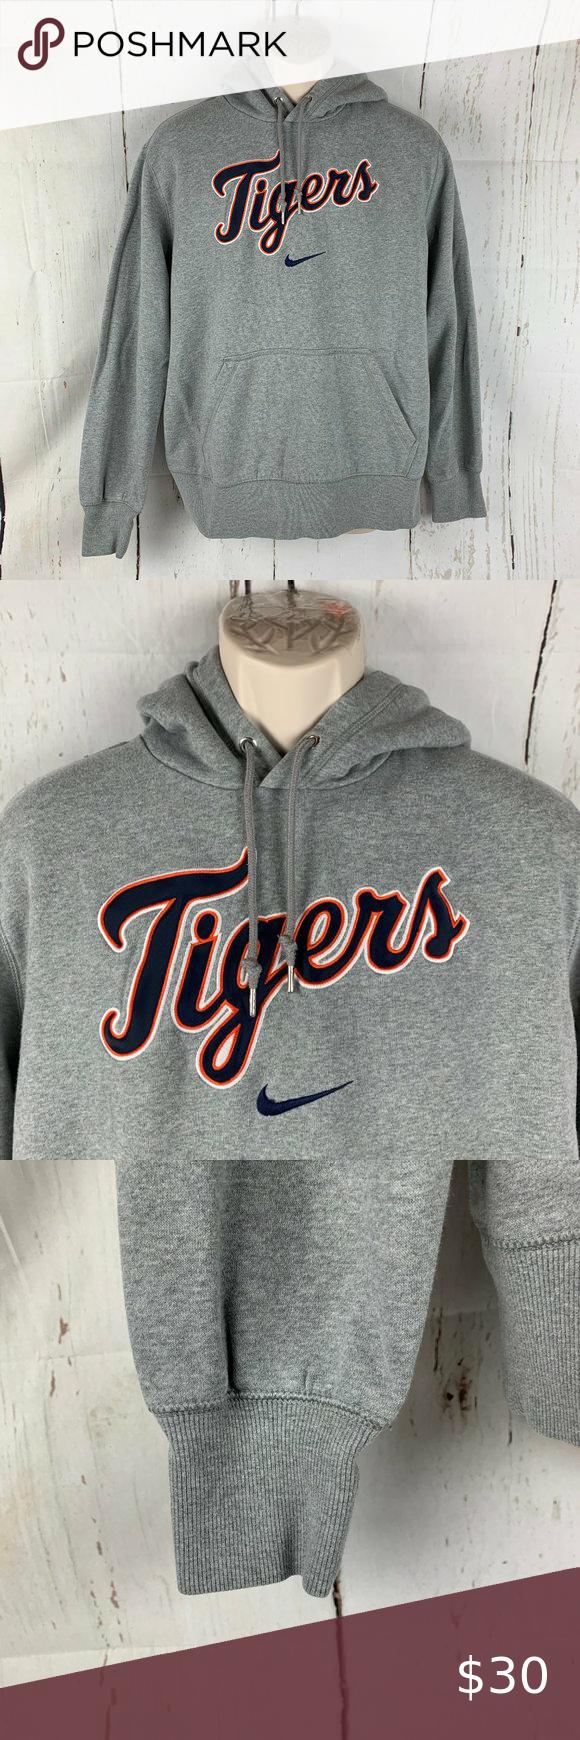 Nike Detroit Tigers Mlb Hoodie Genuine Merchandise Nike Detroit Tigers Men S Mlb Hoodie Genuine Merchandise Gray Pr Sweatshirt Shirt Sweatshirts Hoodie Hoodies [ 1740 x 580 Pixel ]